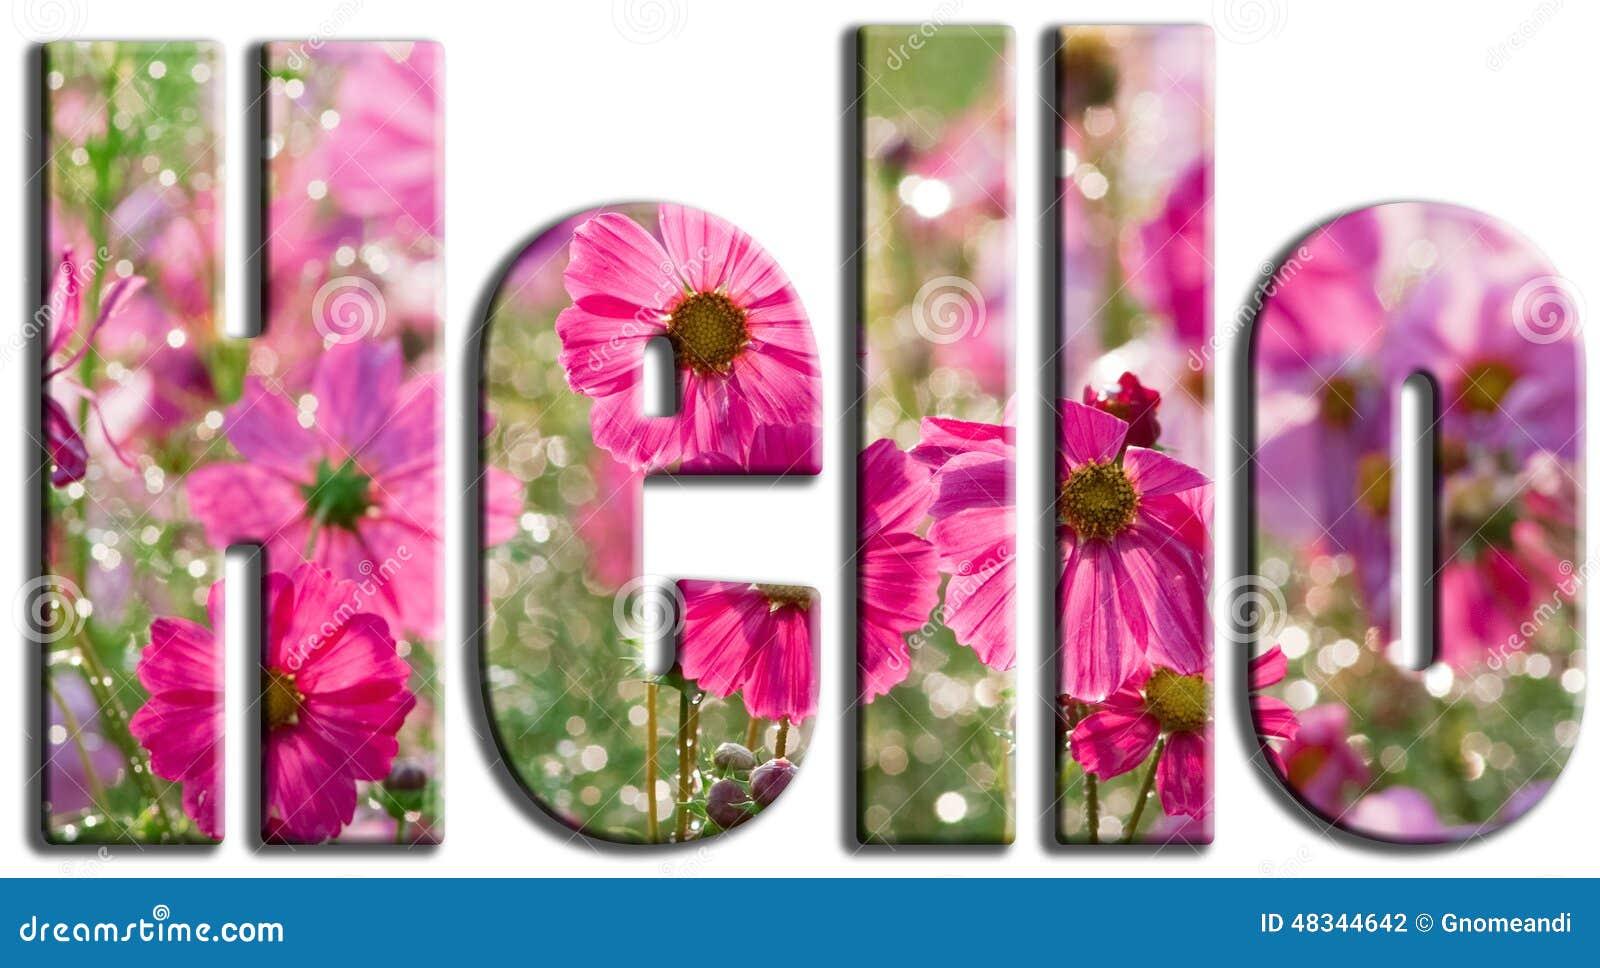 Jeudi 26 décembre  Bonjour-fleurs-de-rose-48344642